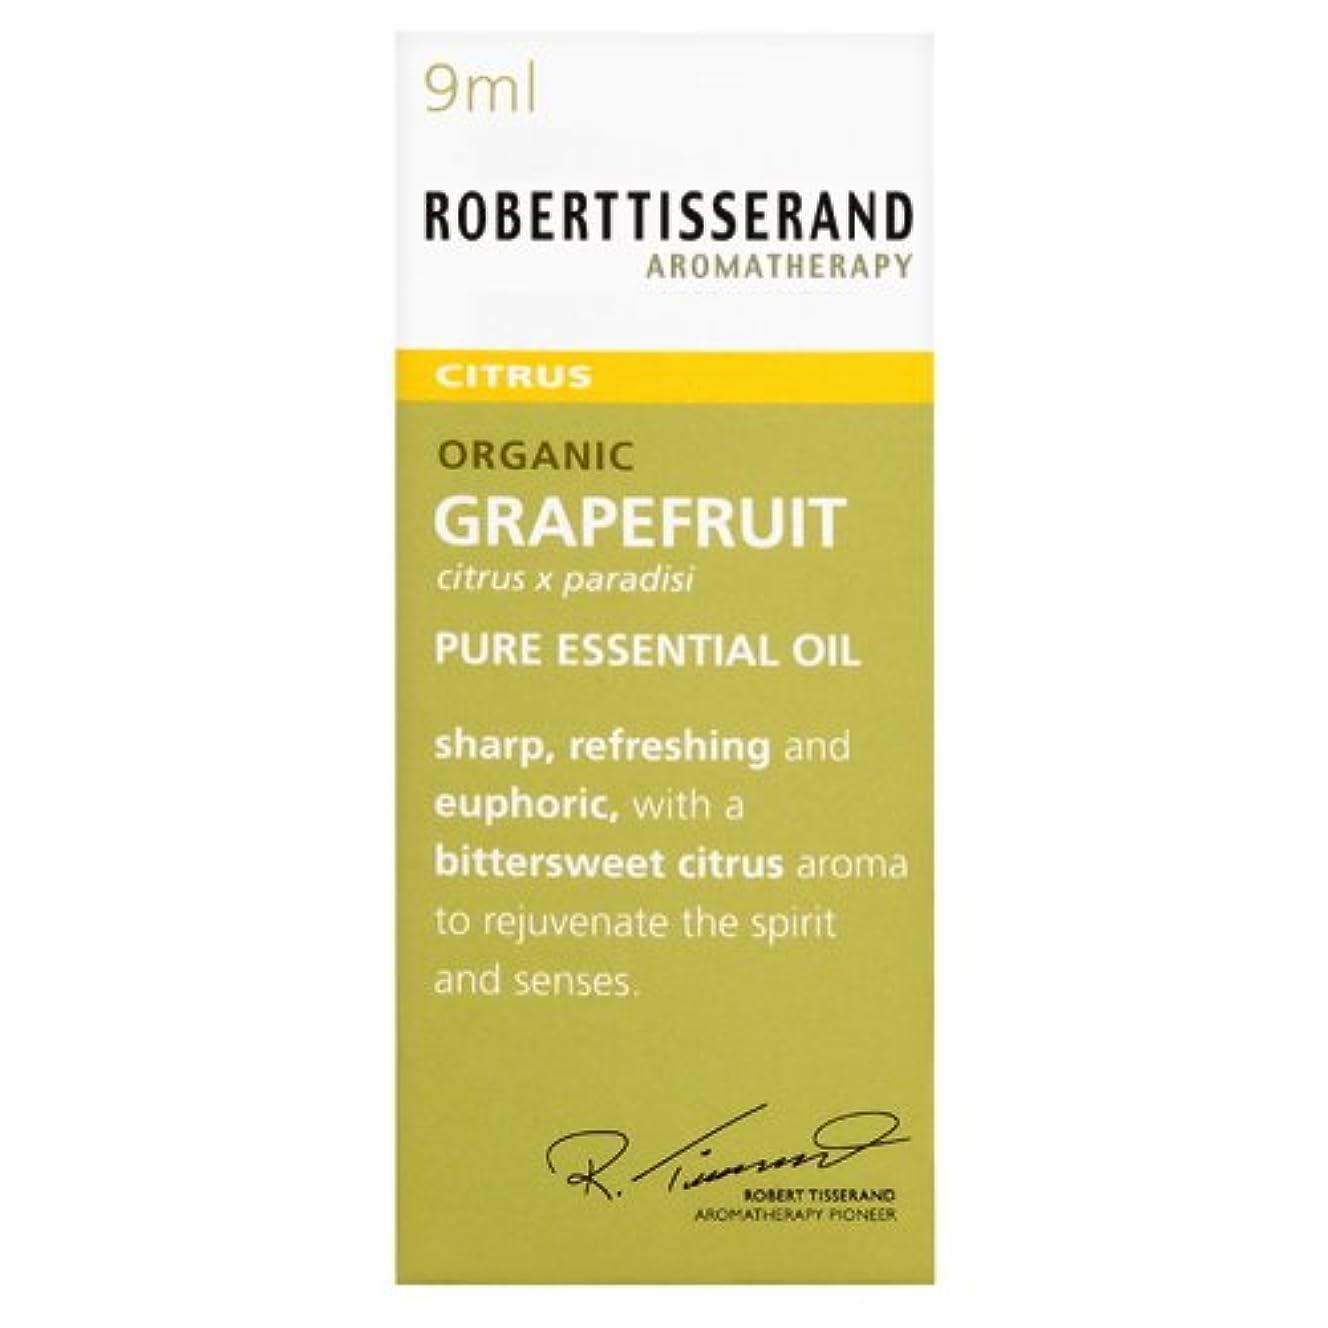 密奨励します下向きロバートティスランド 英国土壌協会認証 オーガニック グレープフルーツ 9ml